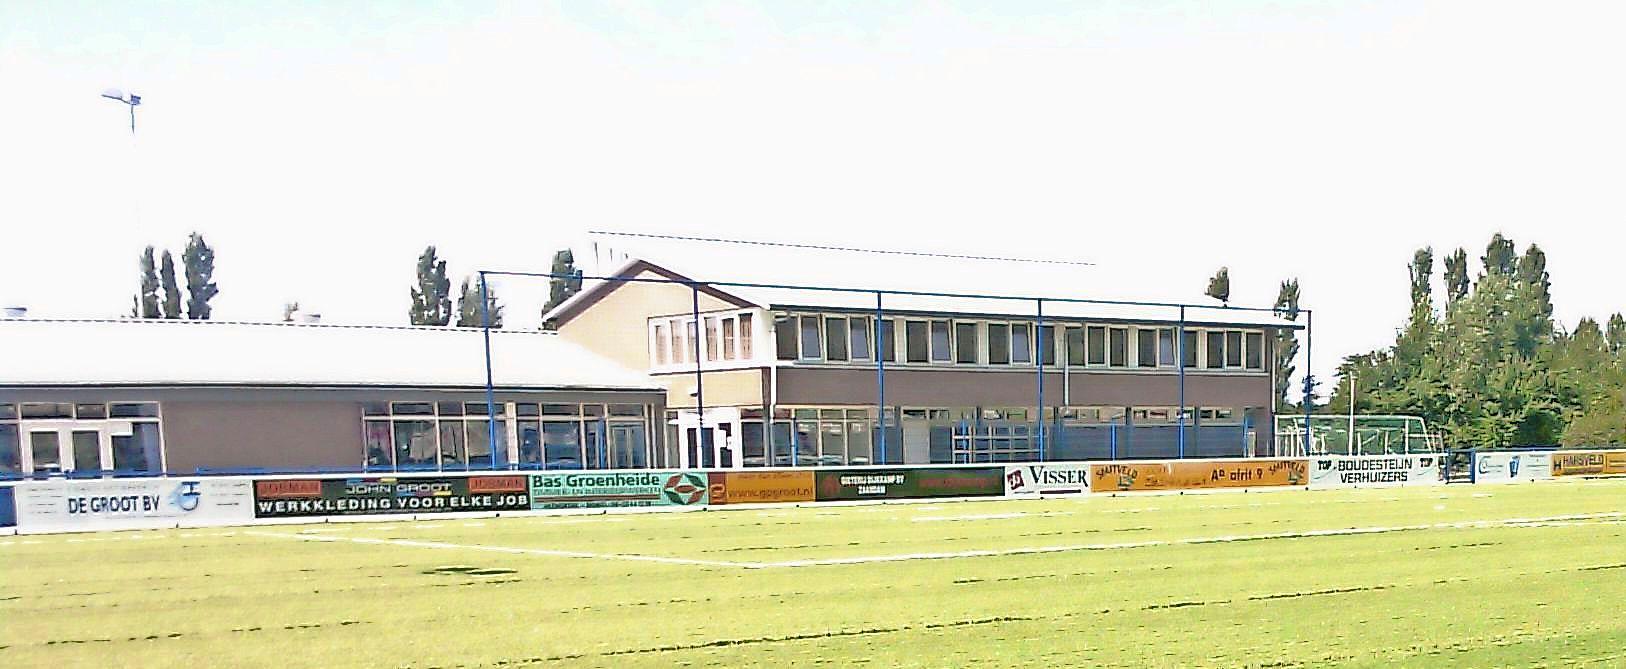 Voetbalclub ADO'20 in Heemskerk wordt groener dan het gras waar het op speelt, na led-verlichting nu ook zonnepanelen. 'We worden helemaal zelfvoorzienend'